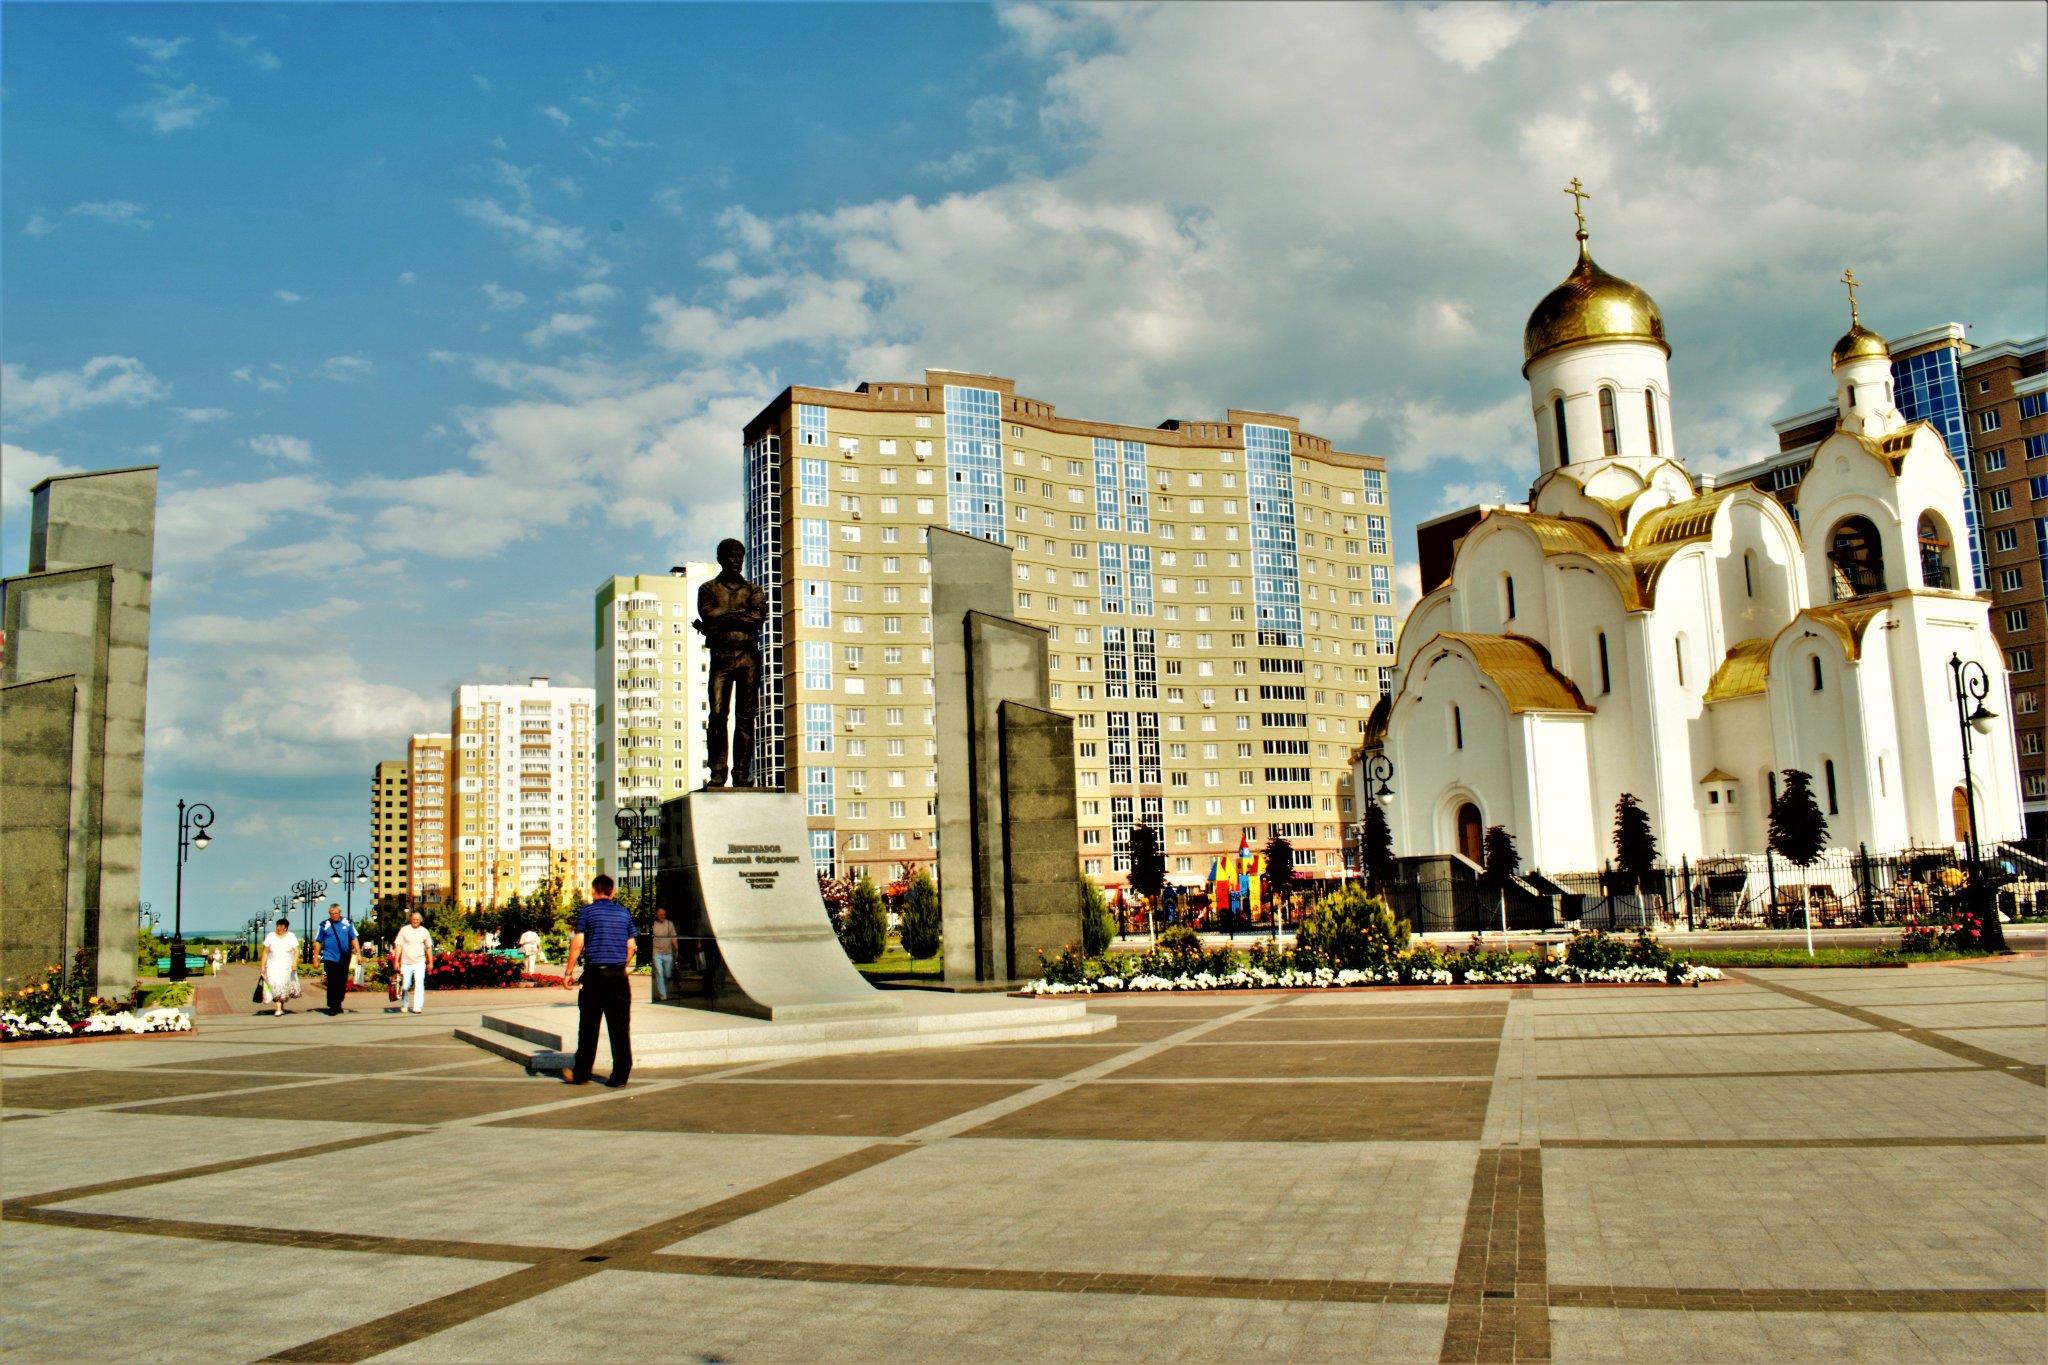 Сайт курского дома интерната все фото будет работать